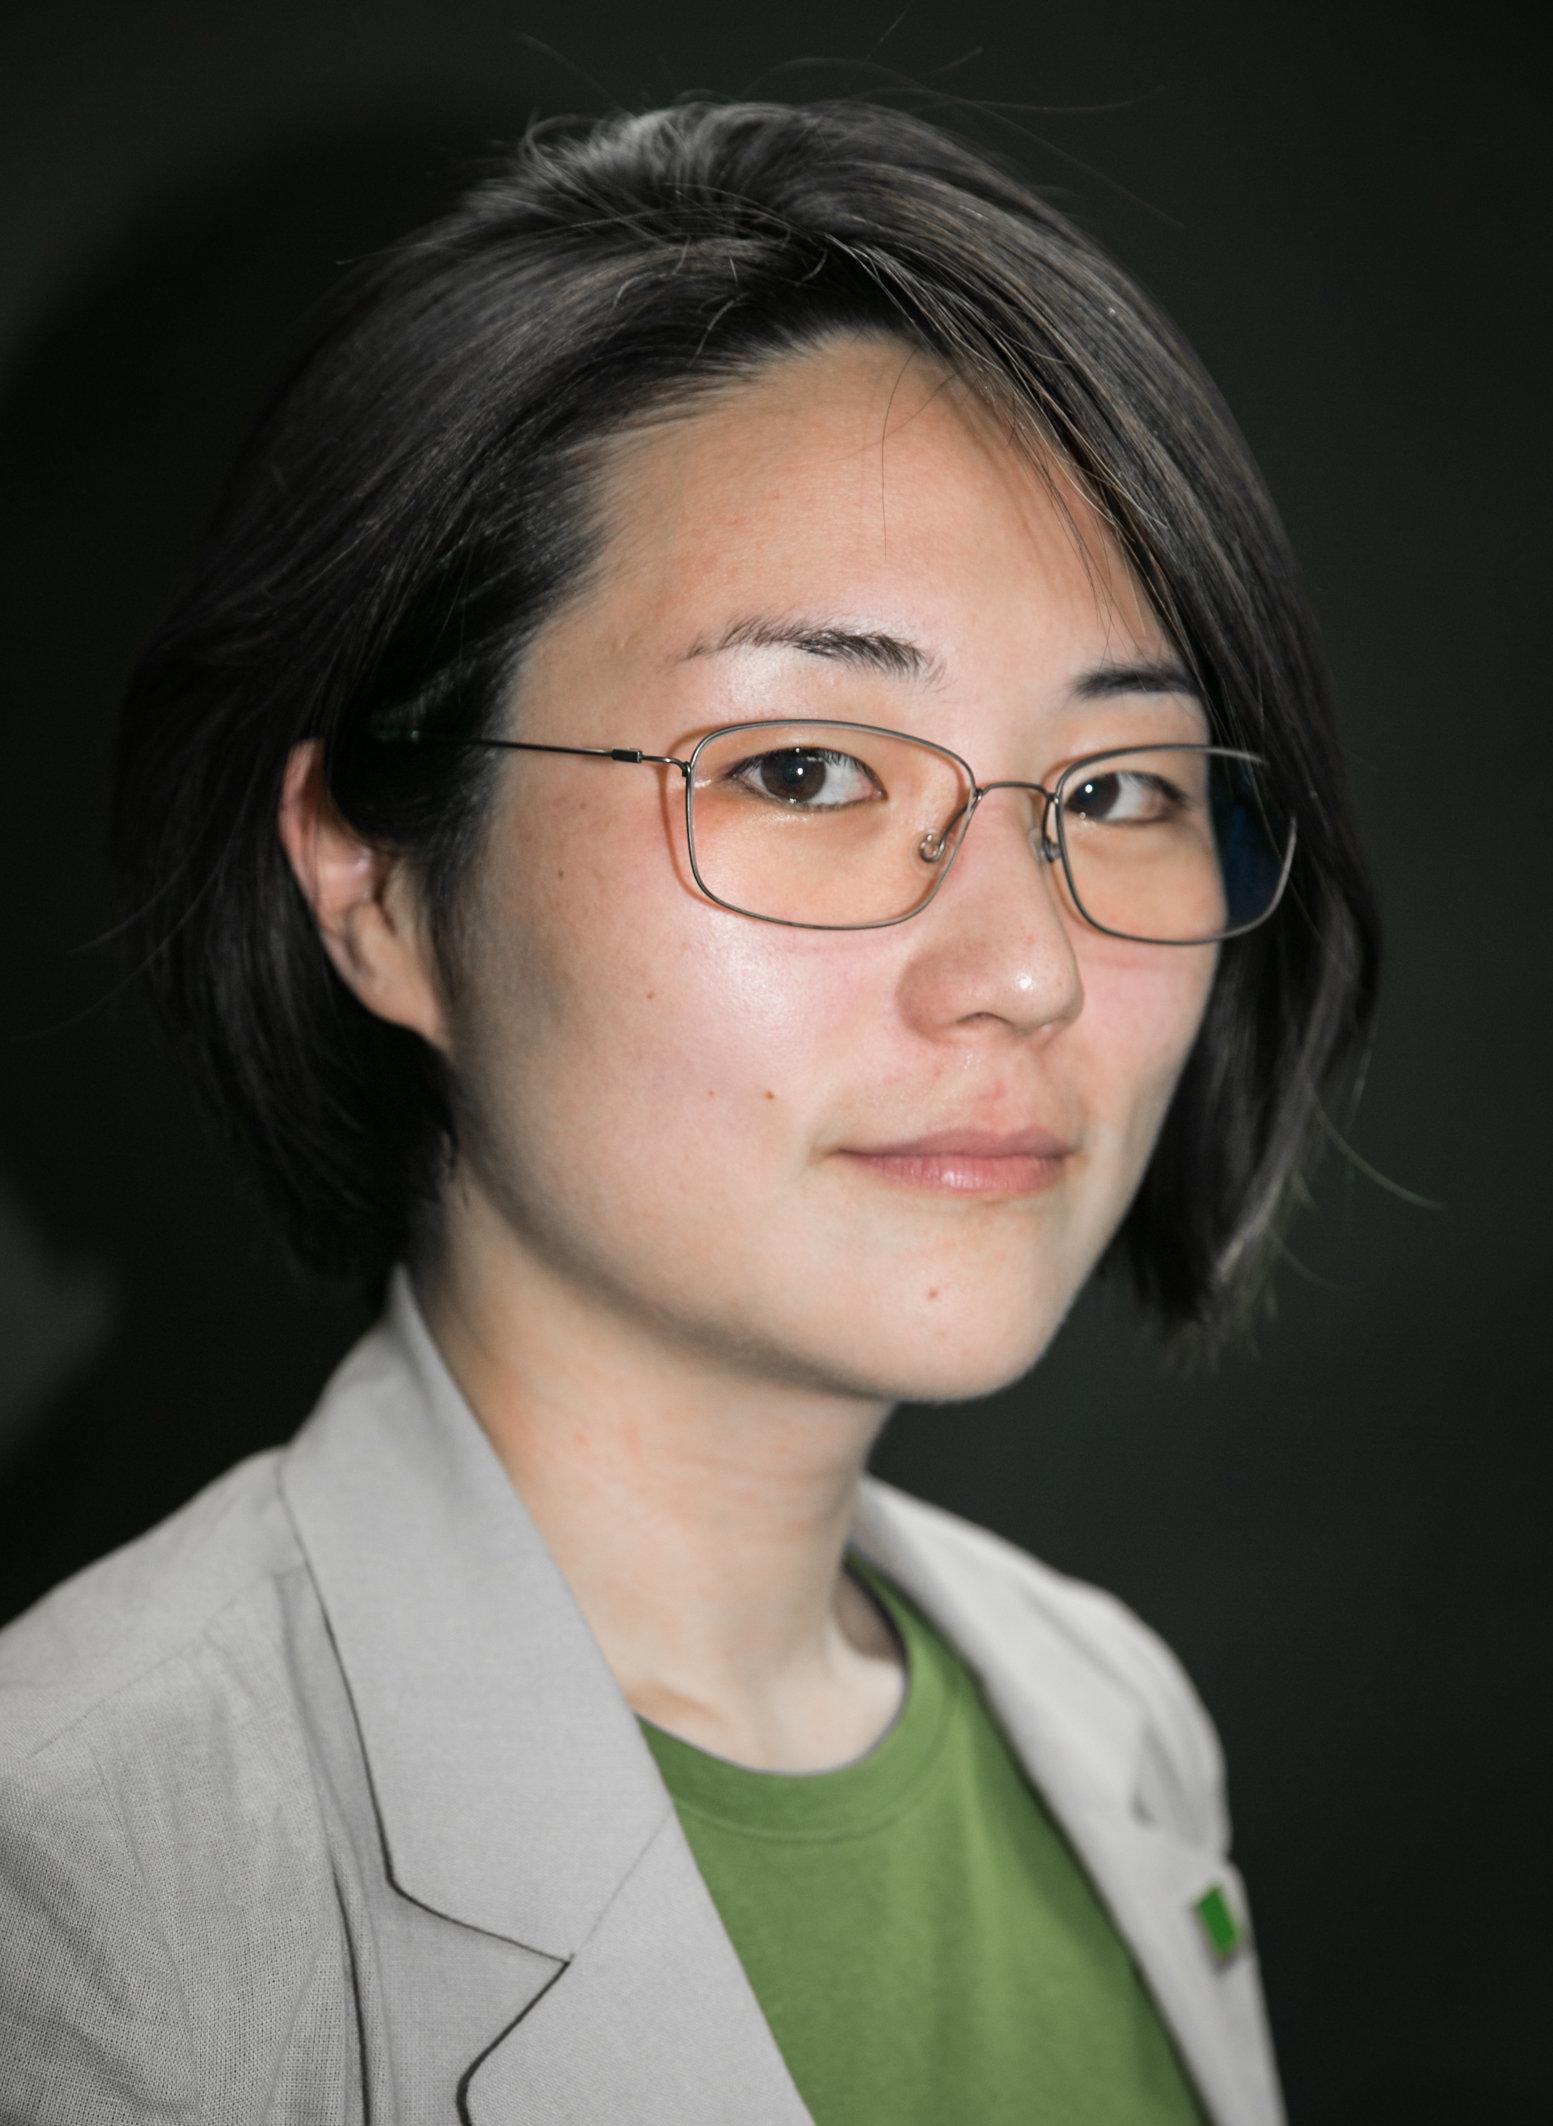 여아 낙태 극심했던 1990년생: '최초의 페미니스트 서울시장 후보'를 만났다